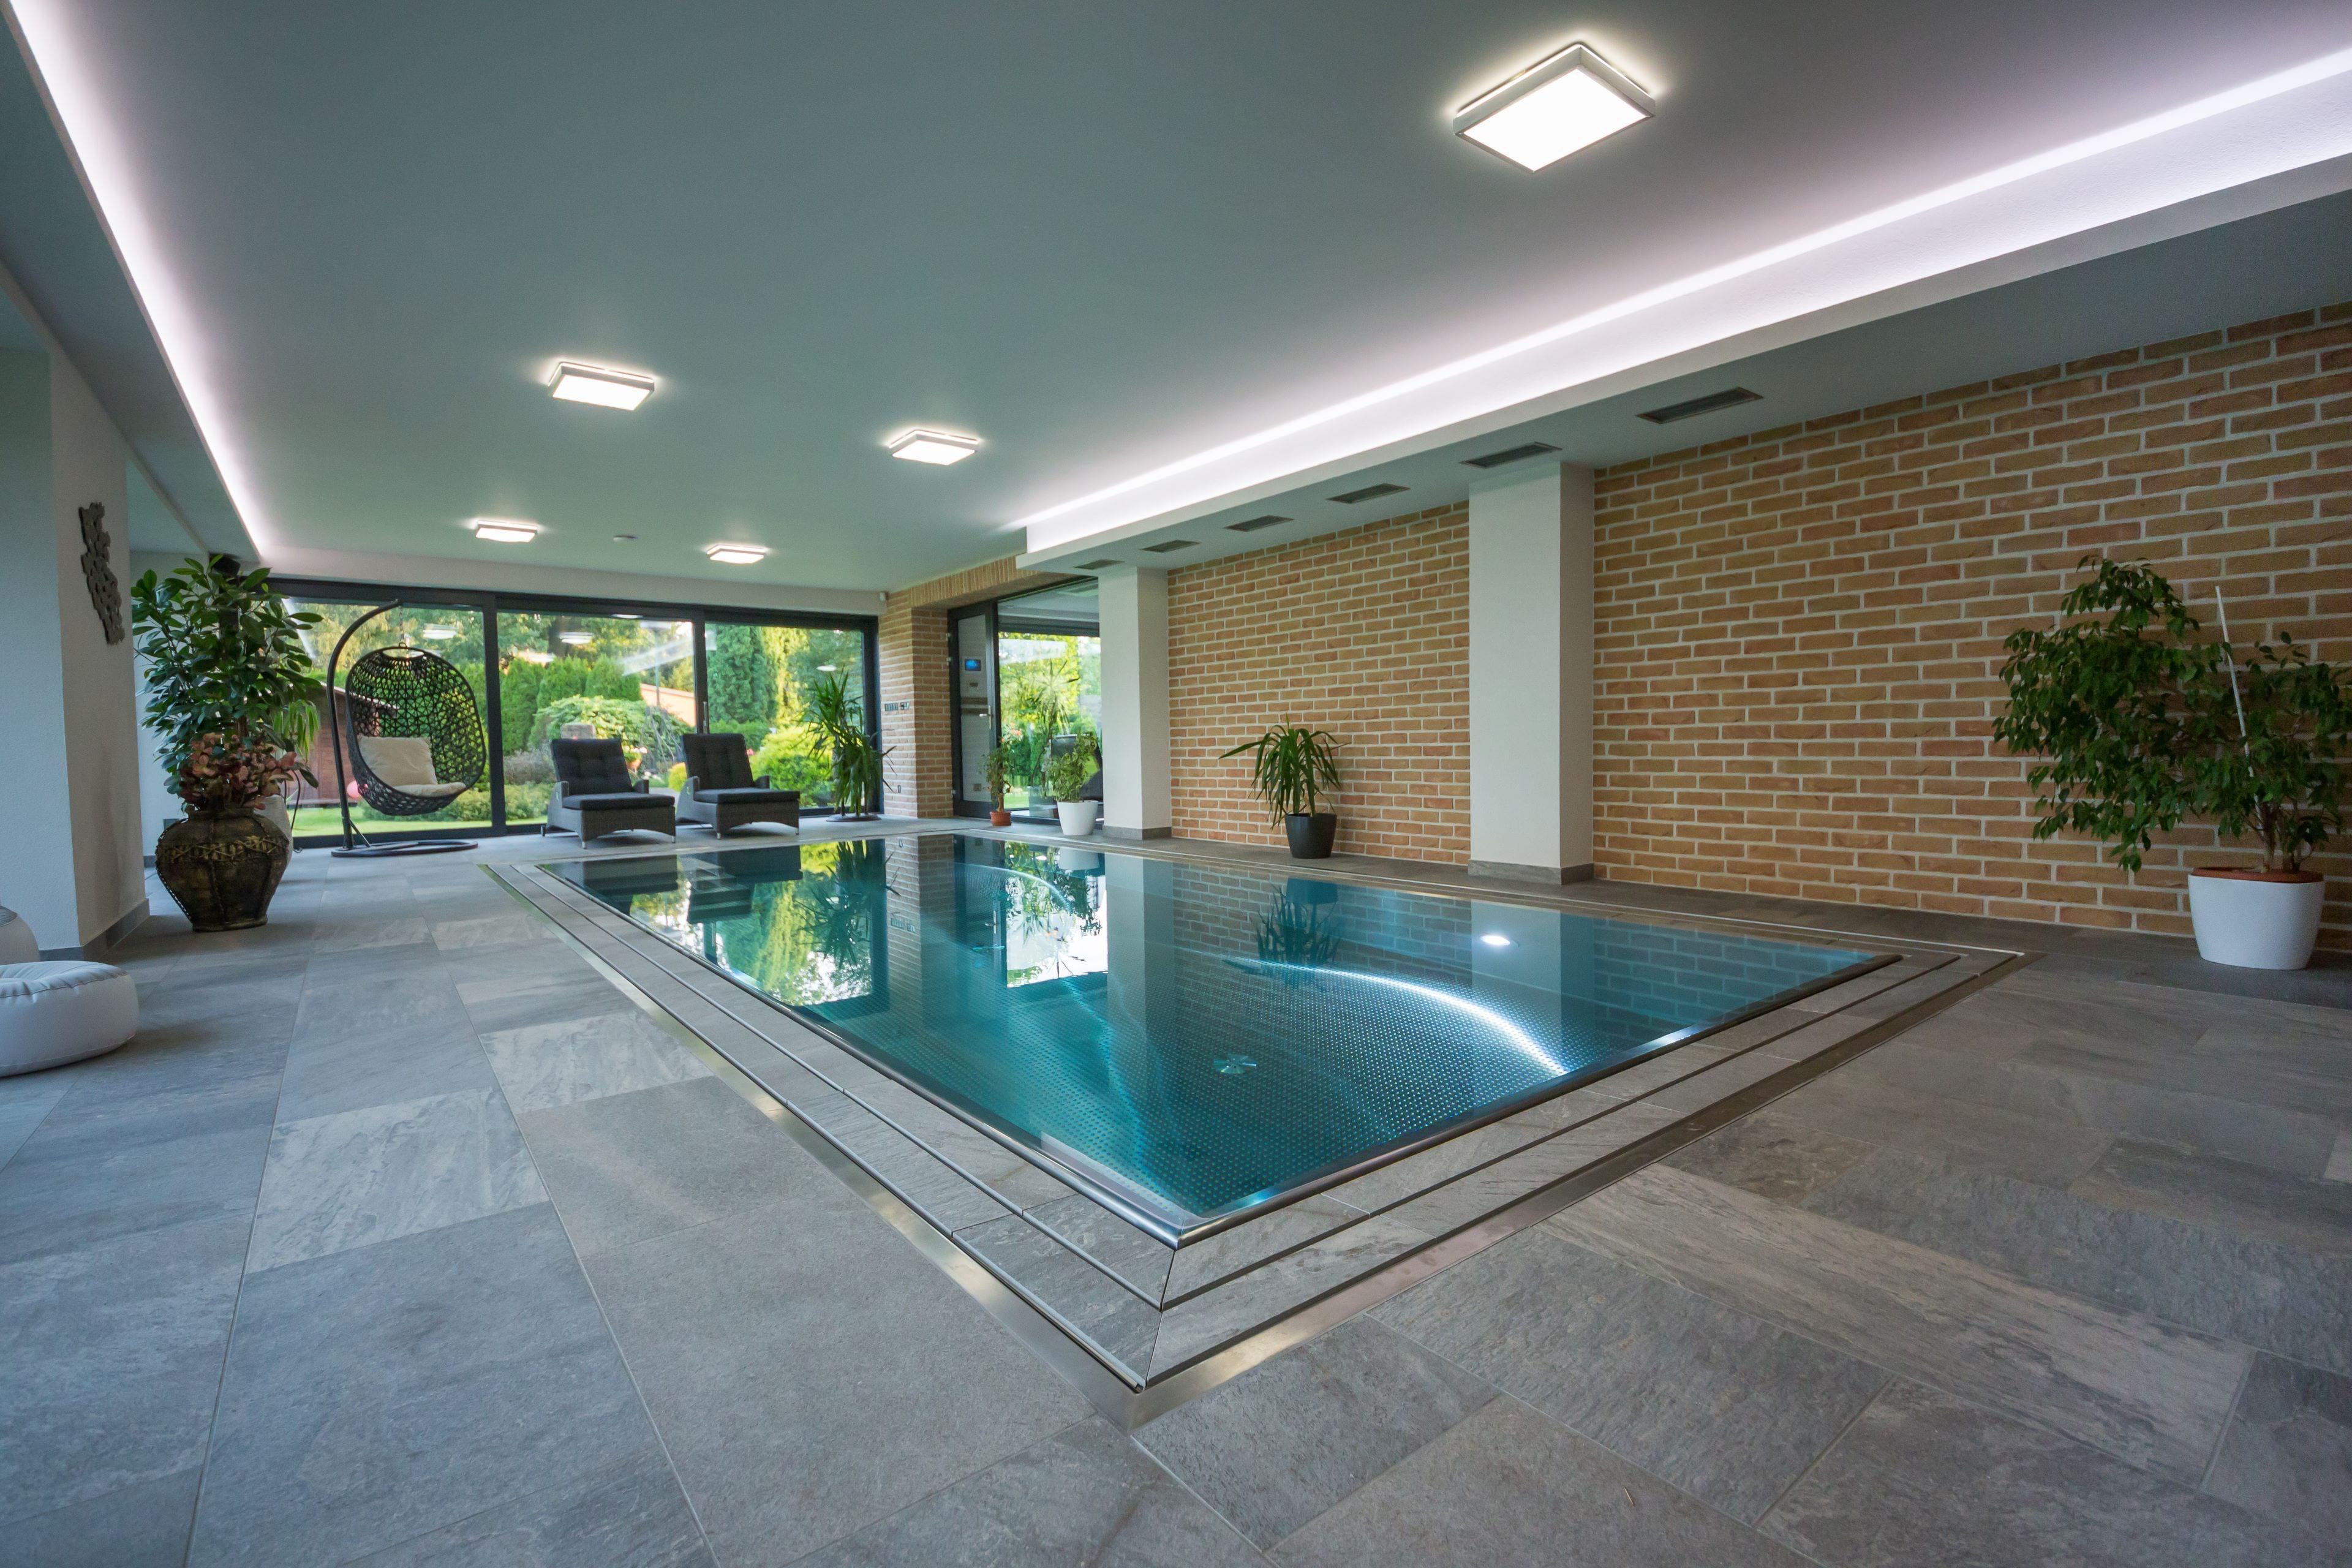 Vestavba přelivného bazénu do vzdušného interiéru